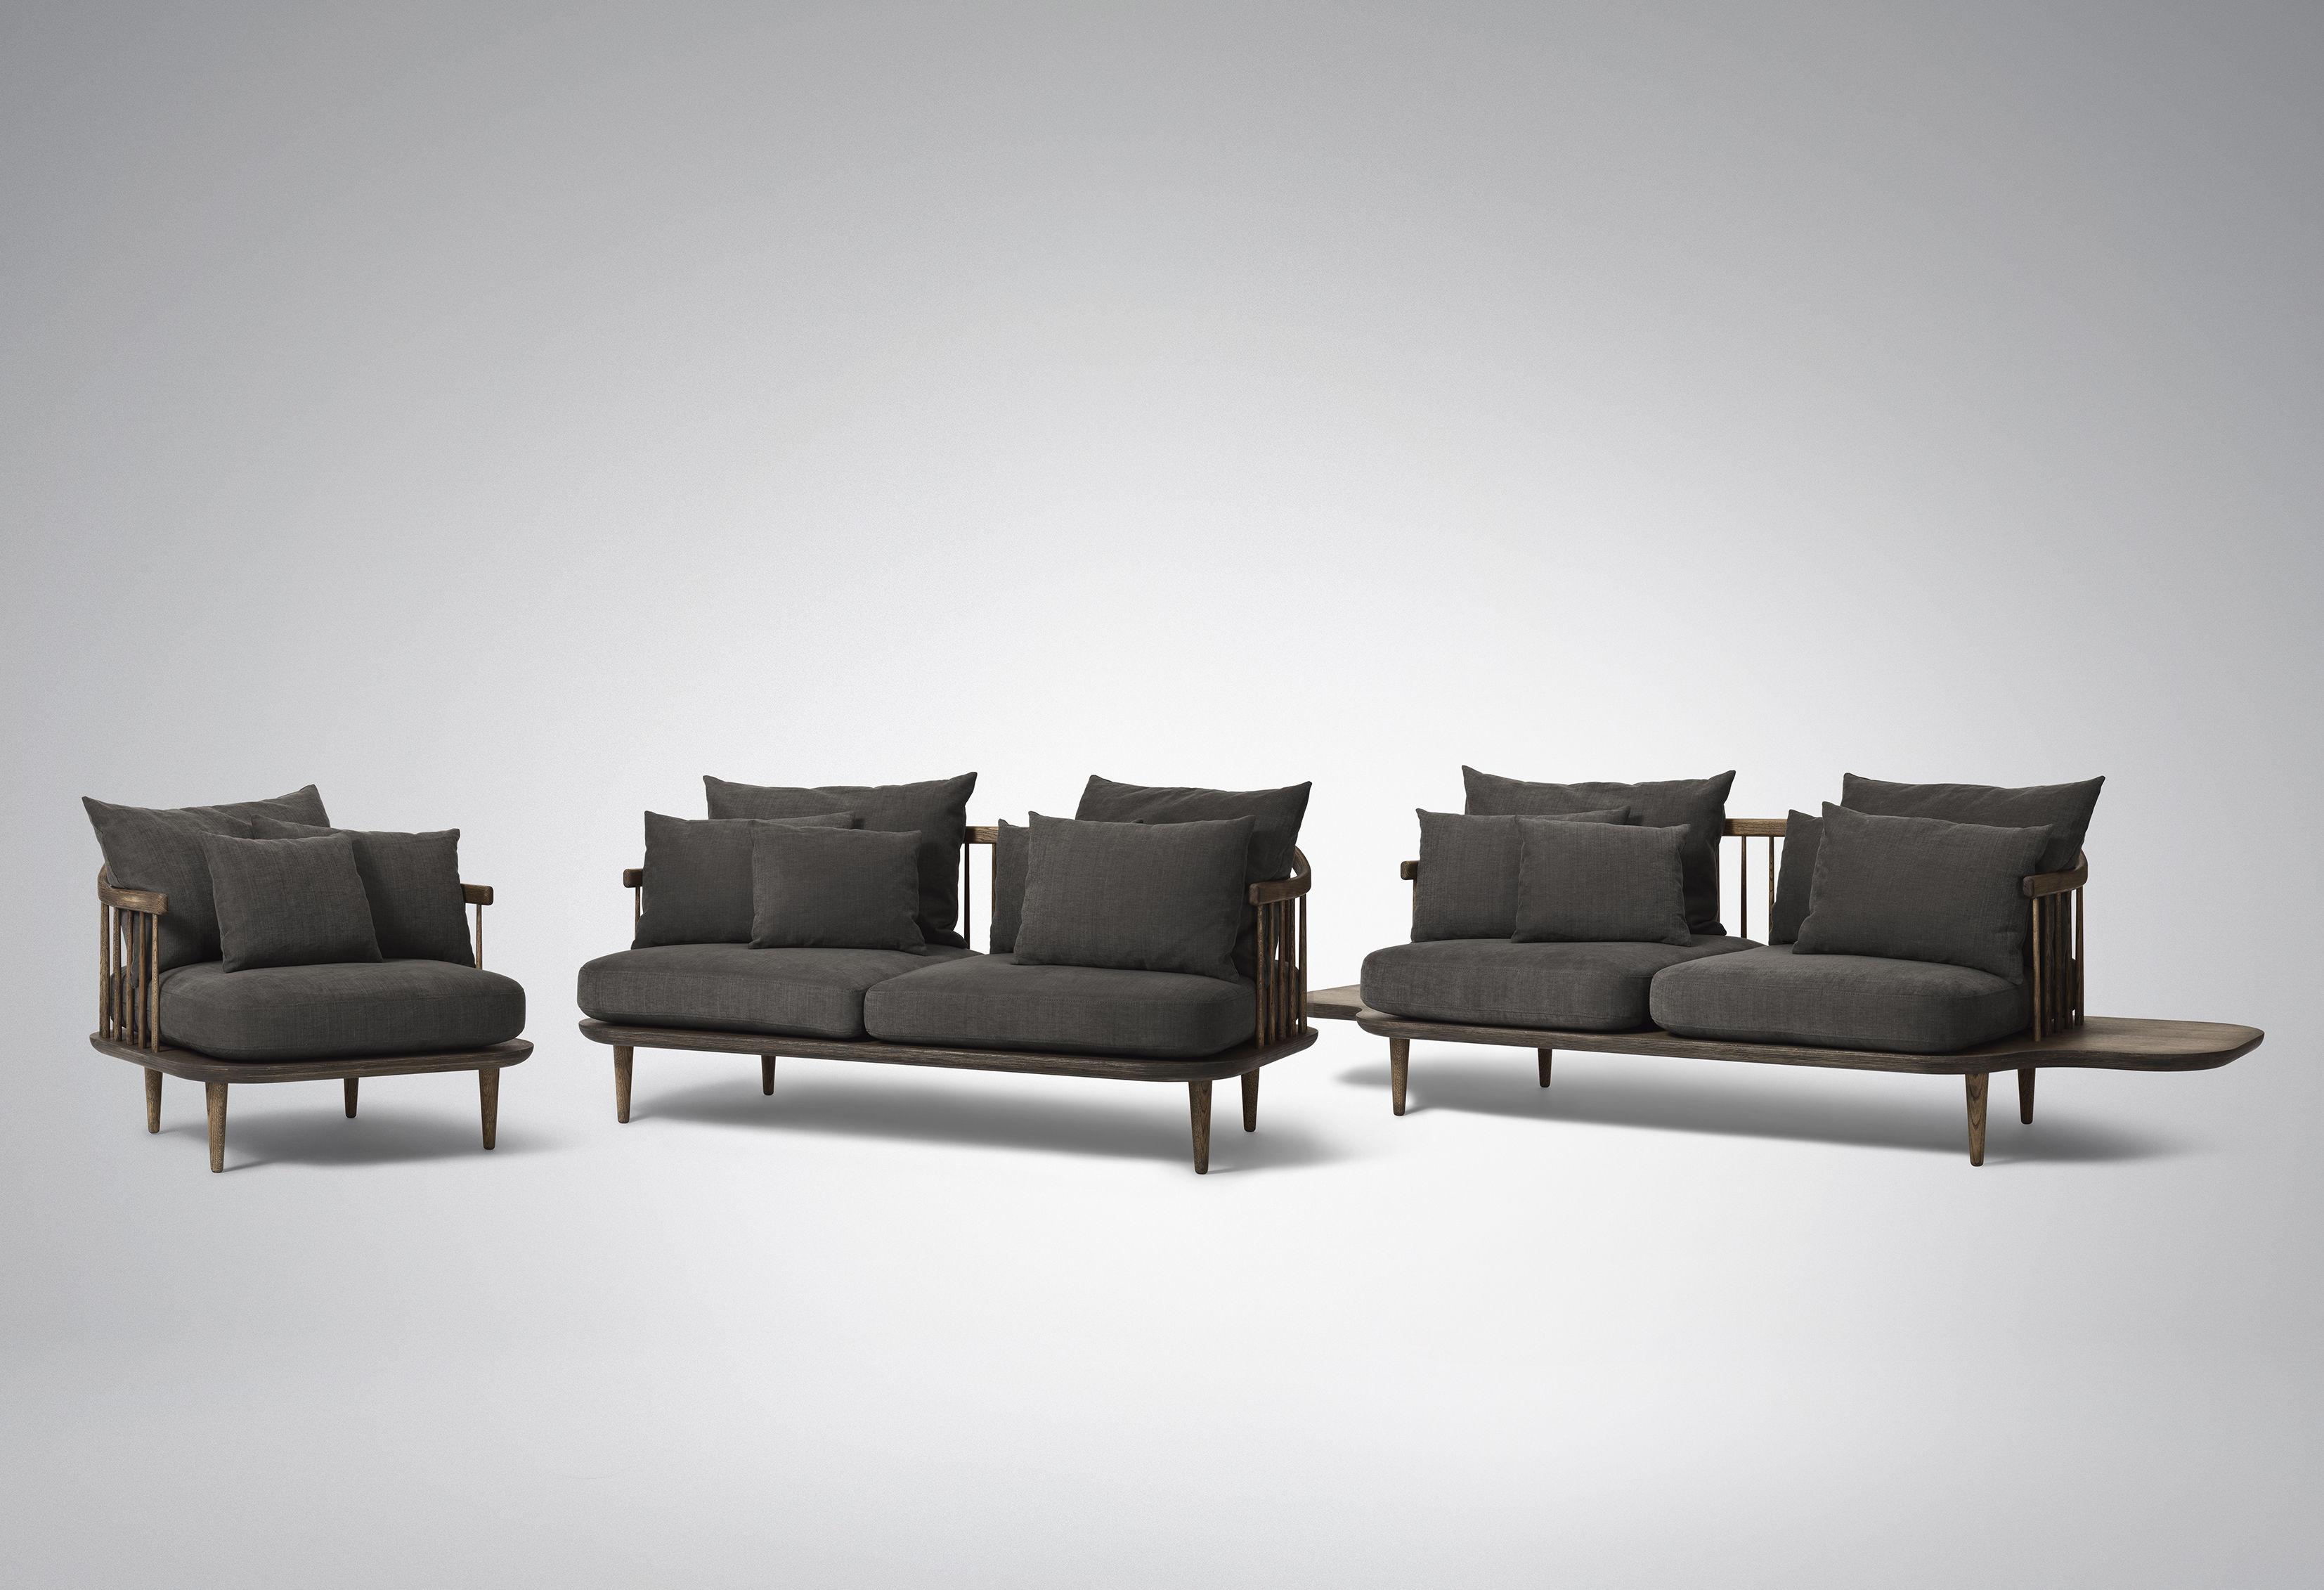 canap droit fly 2 places l 240 cm bois fonc coussins gris fonc and tradition. Black Bedroom Furniture Sets. Home Design Ideas